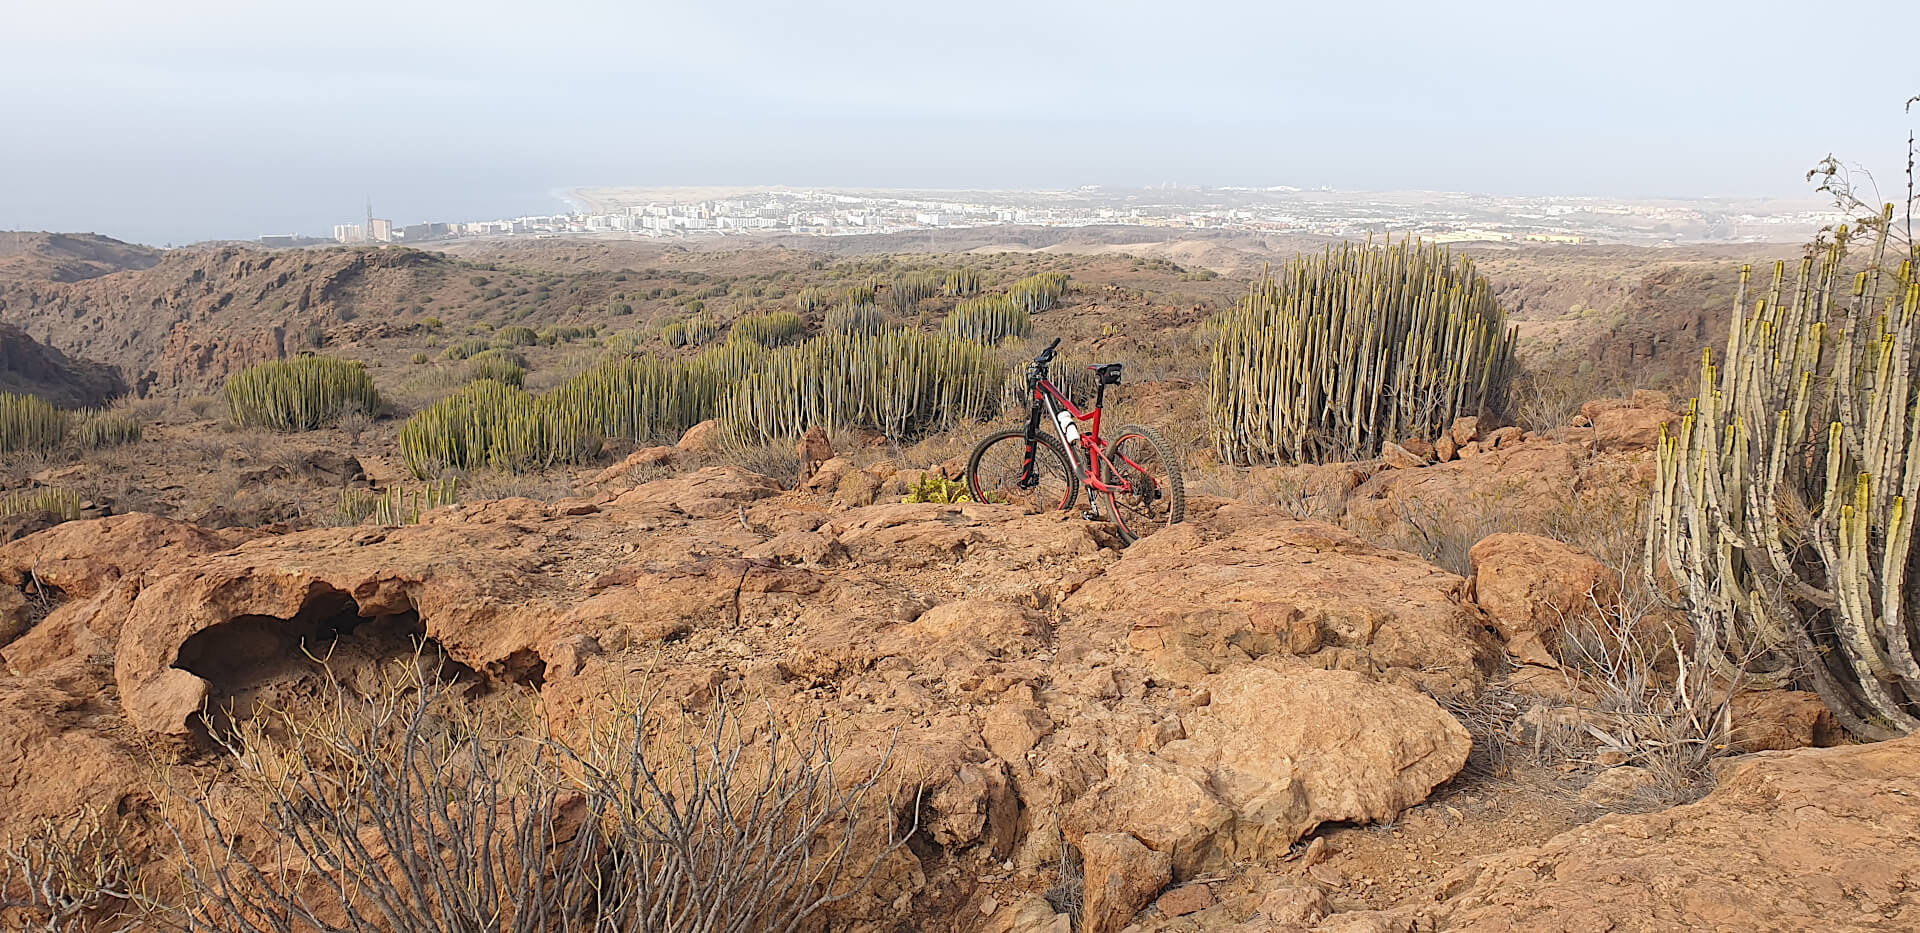 Ruta de enduro MTB - Barrando del Toro, Gran Canaria